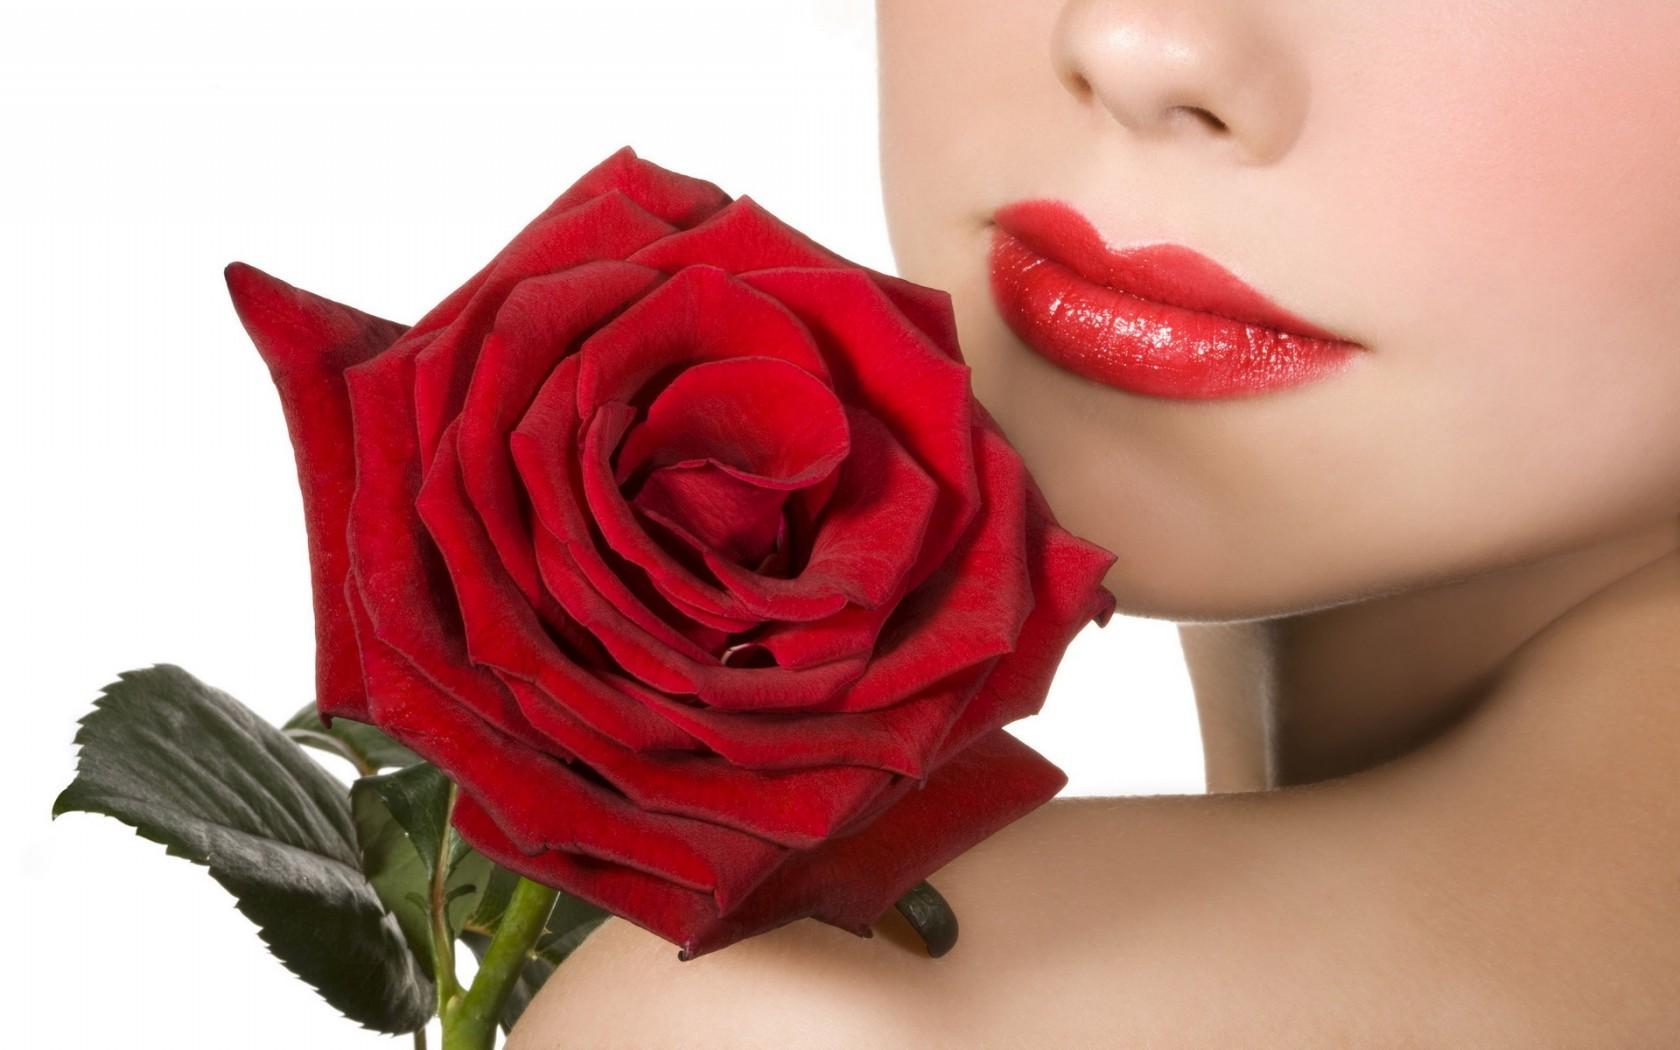 Губы и цветок фото